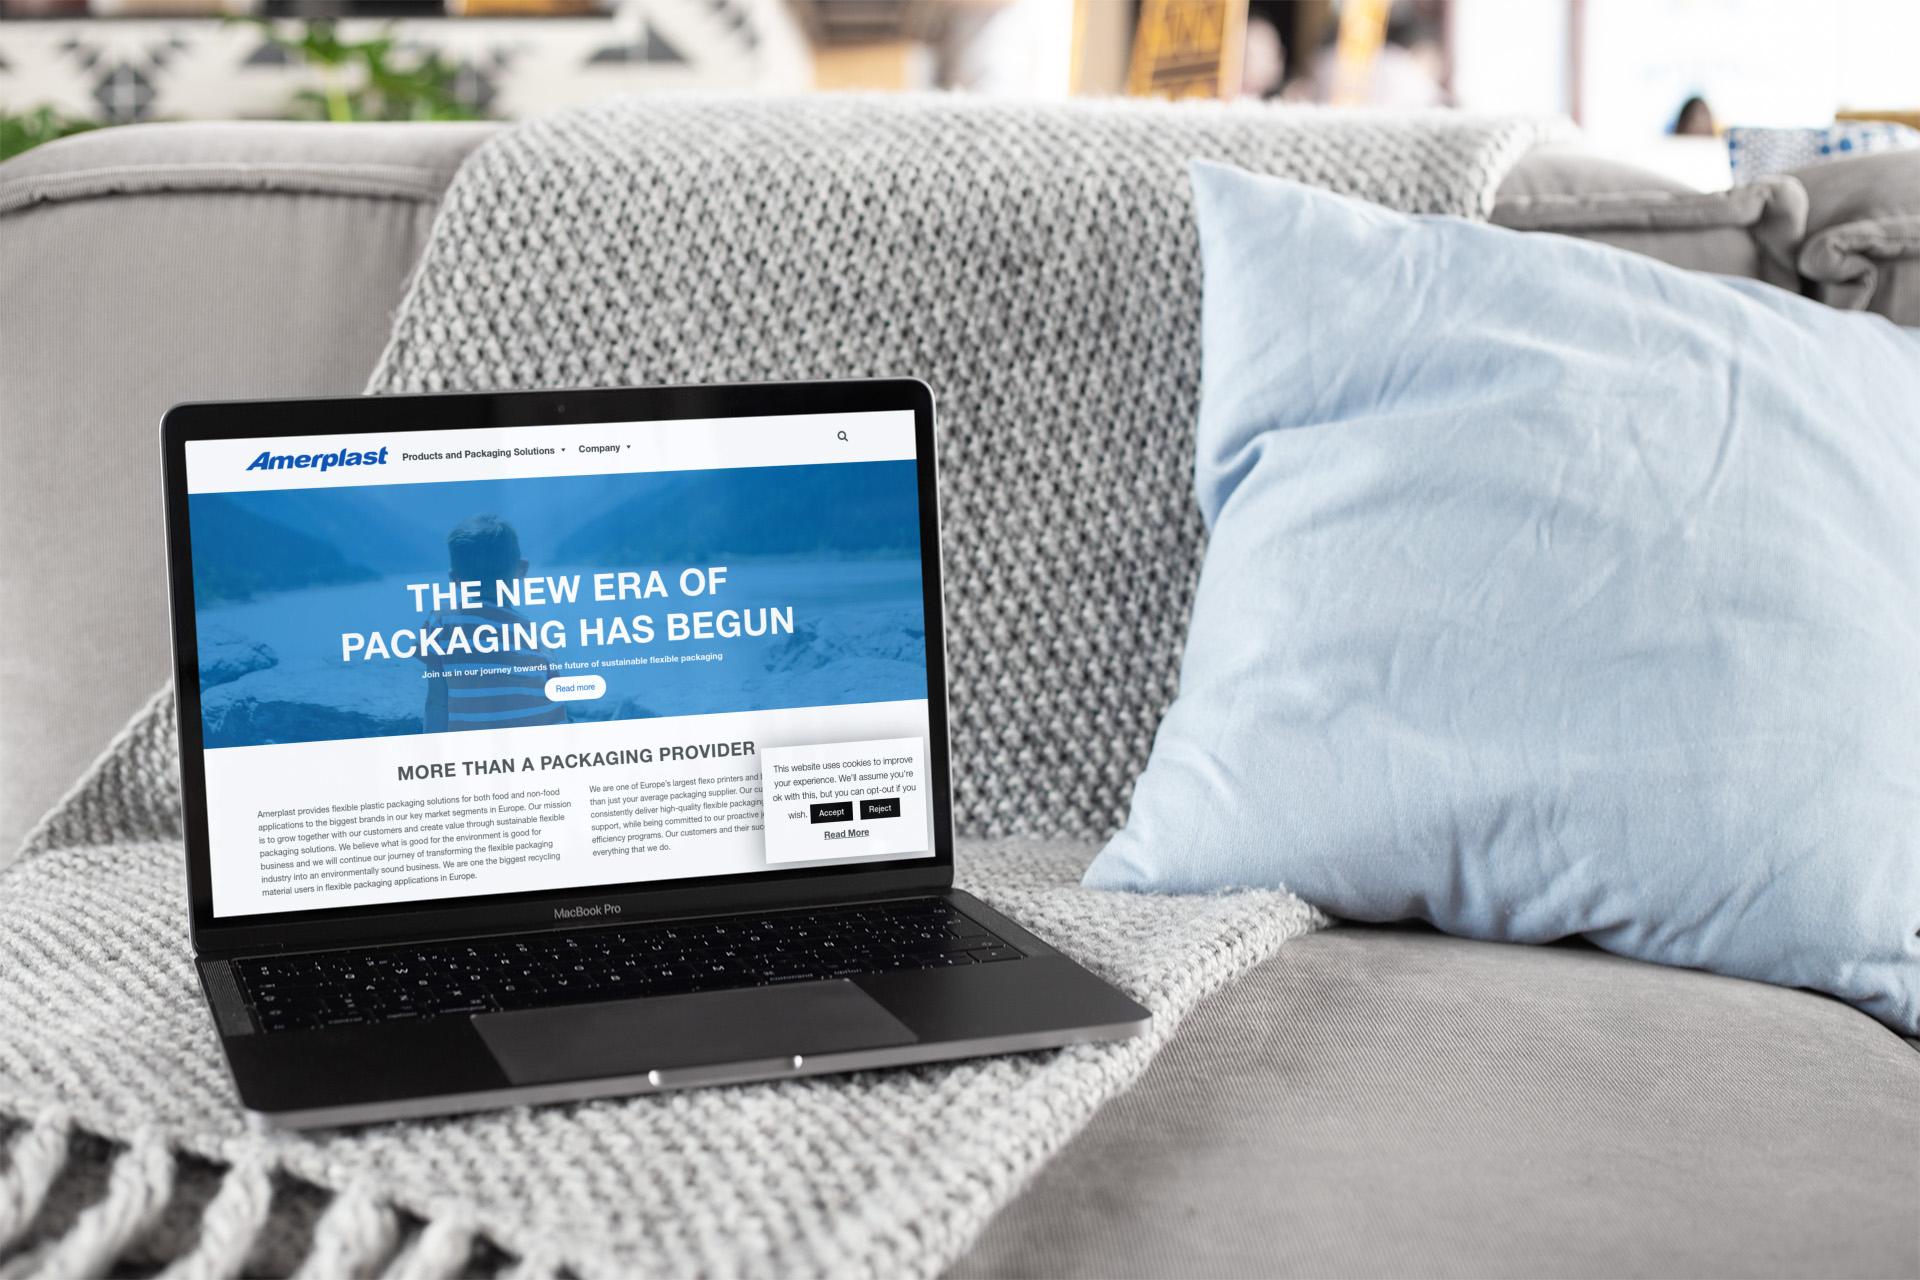 Läppäri sohvalla, jonka näytöllä amperlast.com etusivu.